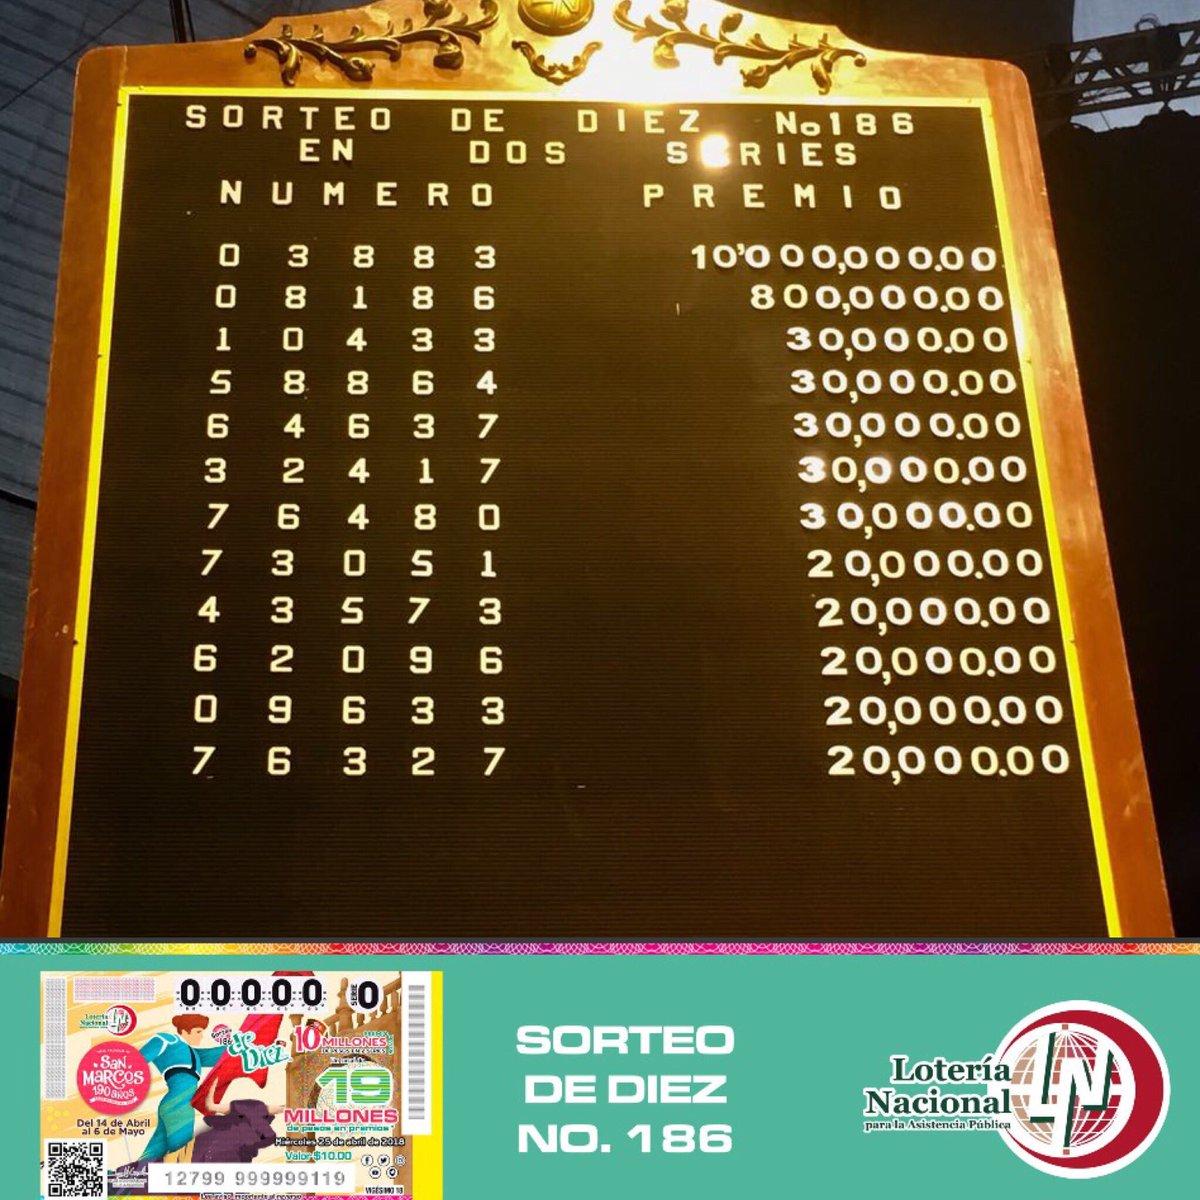 Resultados sorteo de diez 186